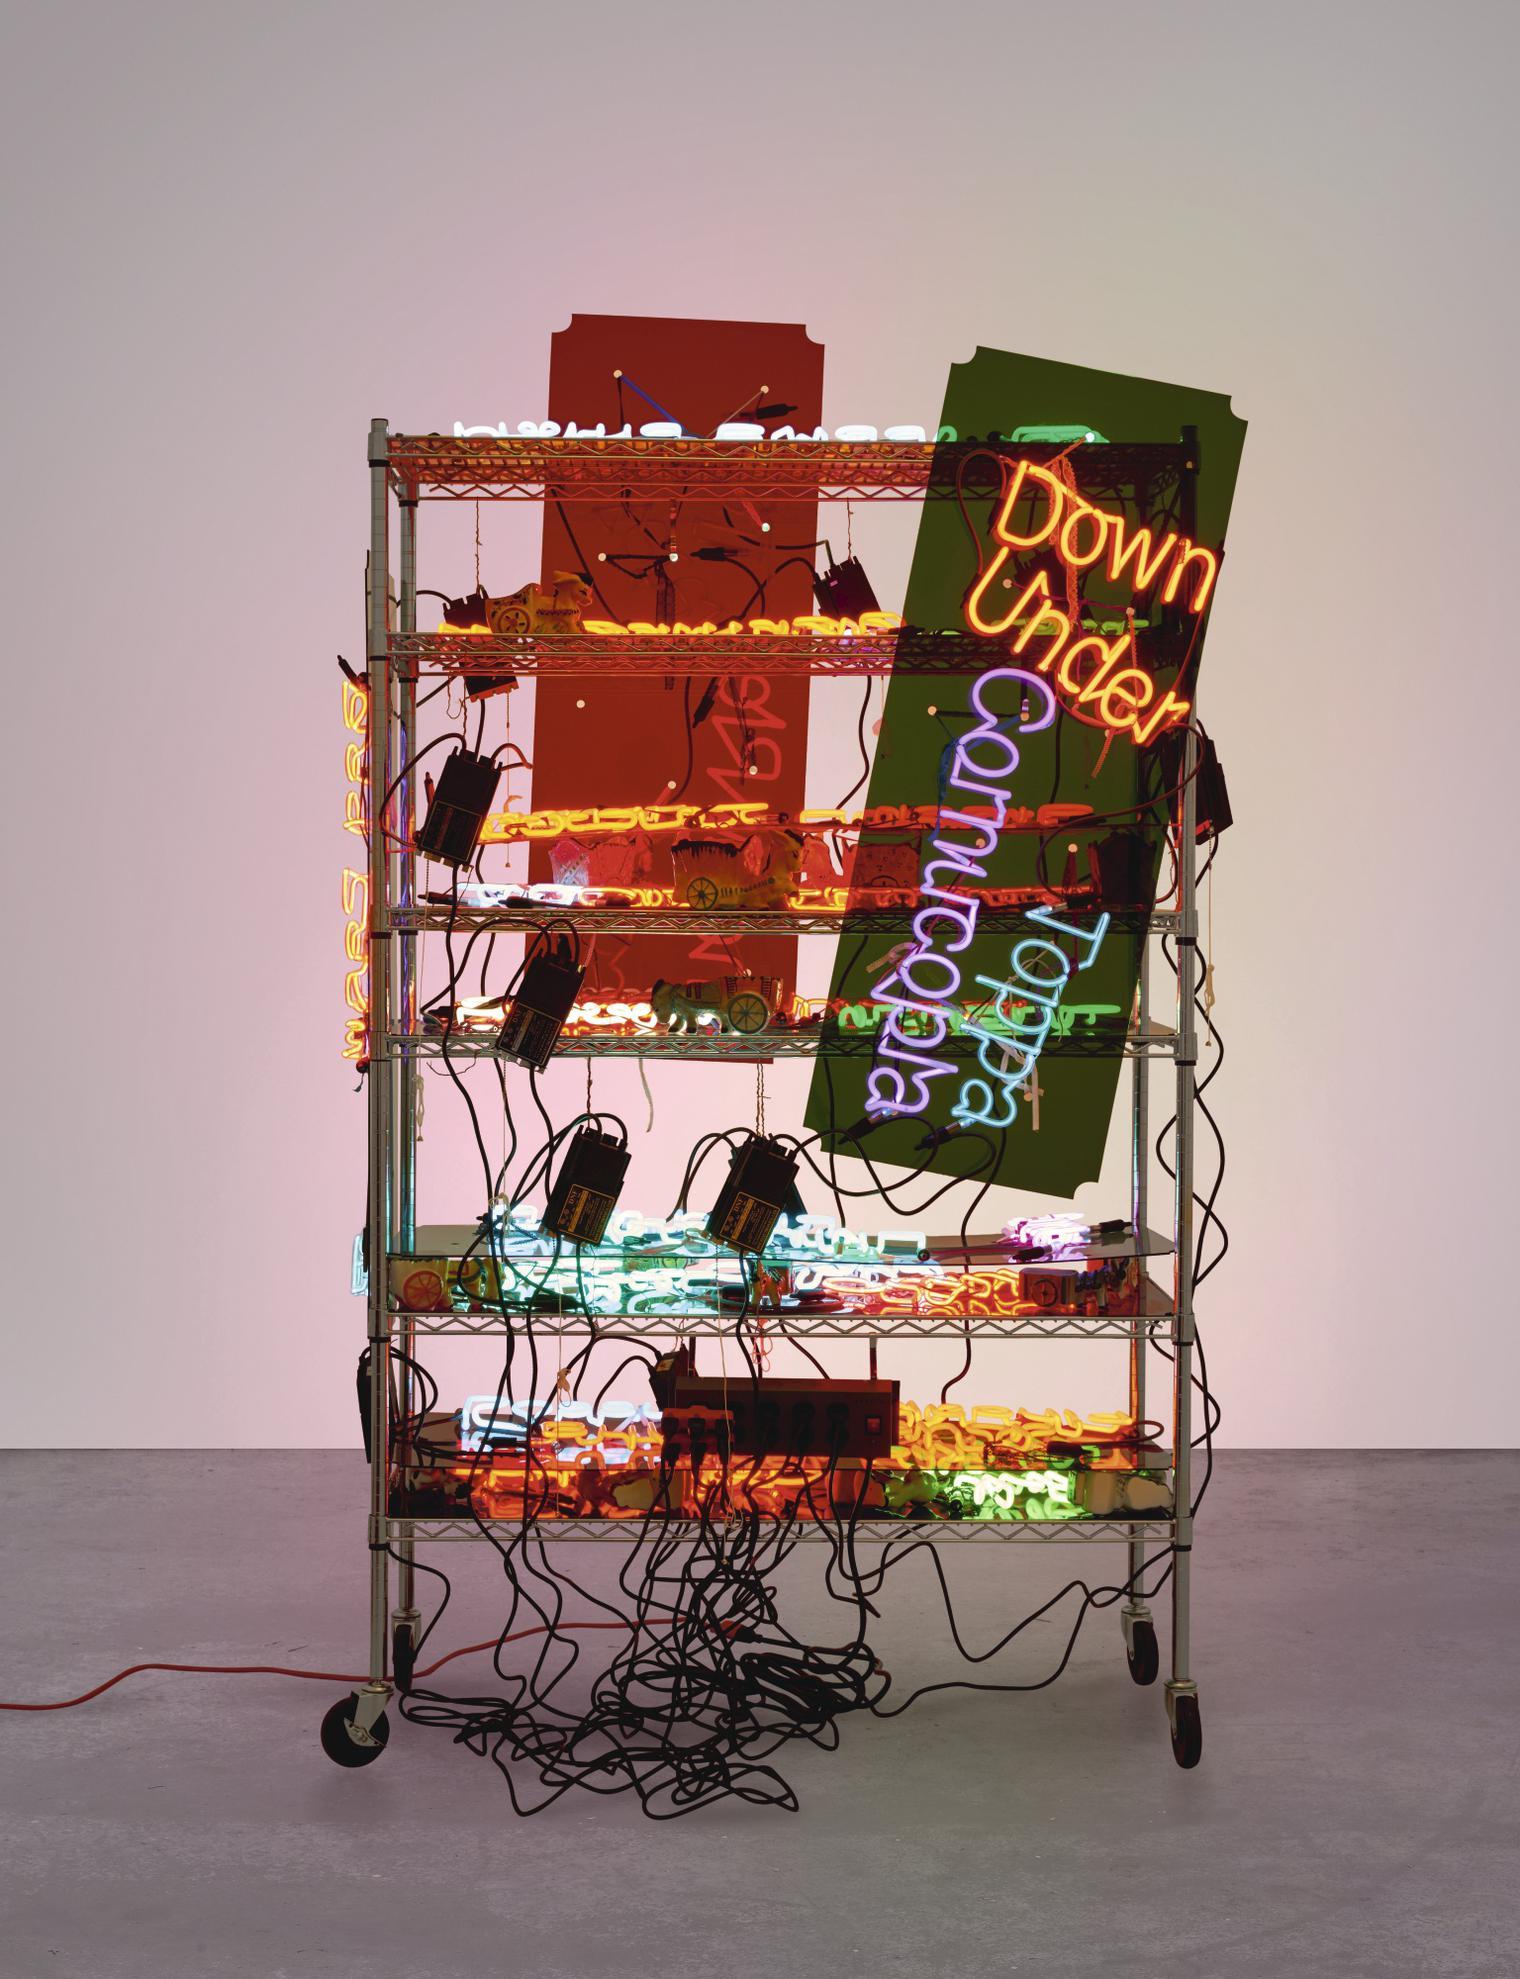 Jason Rhoades-Down Under-2003